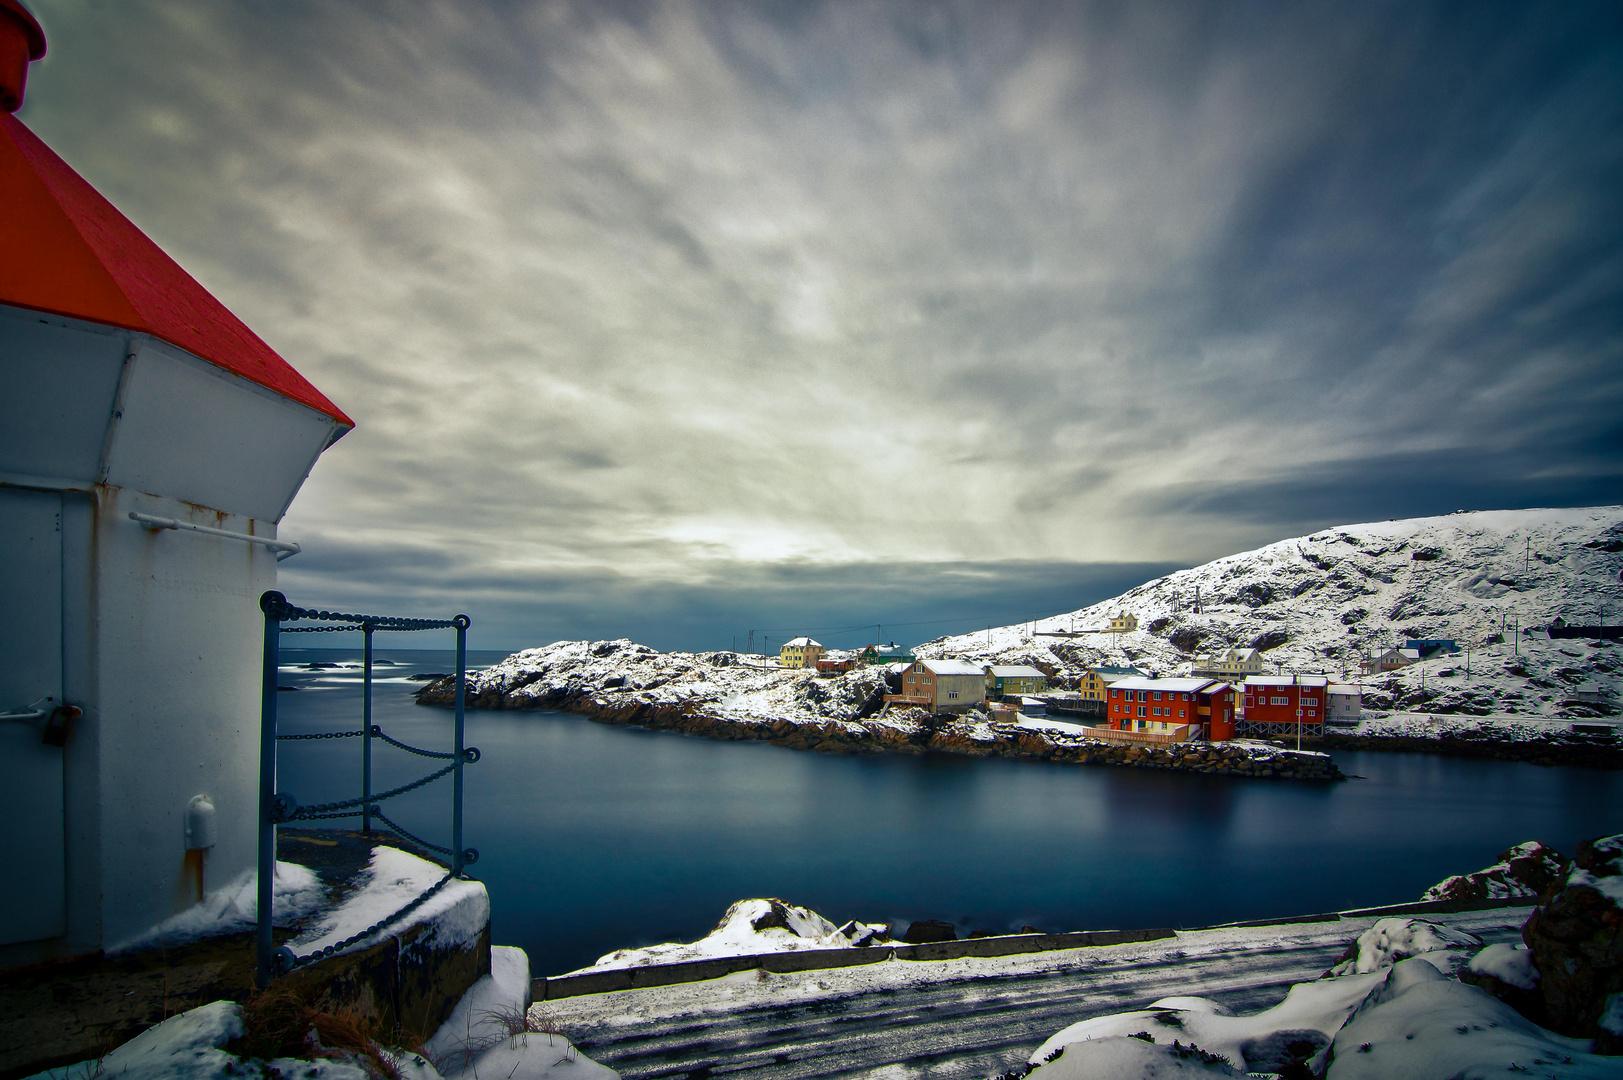 Der idylische Hafen in Nyksund auf den Lofoten